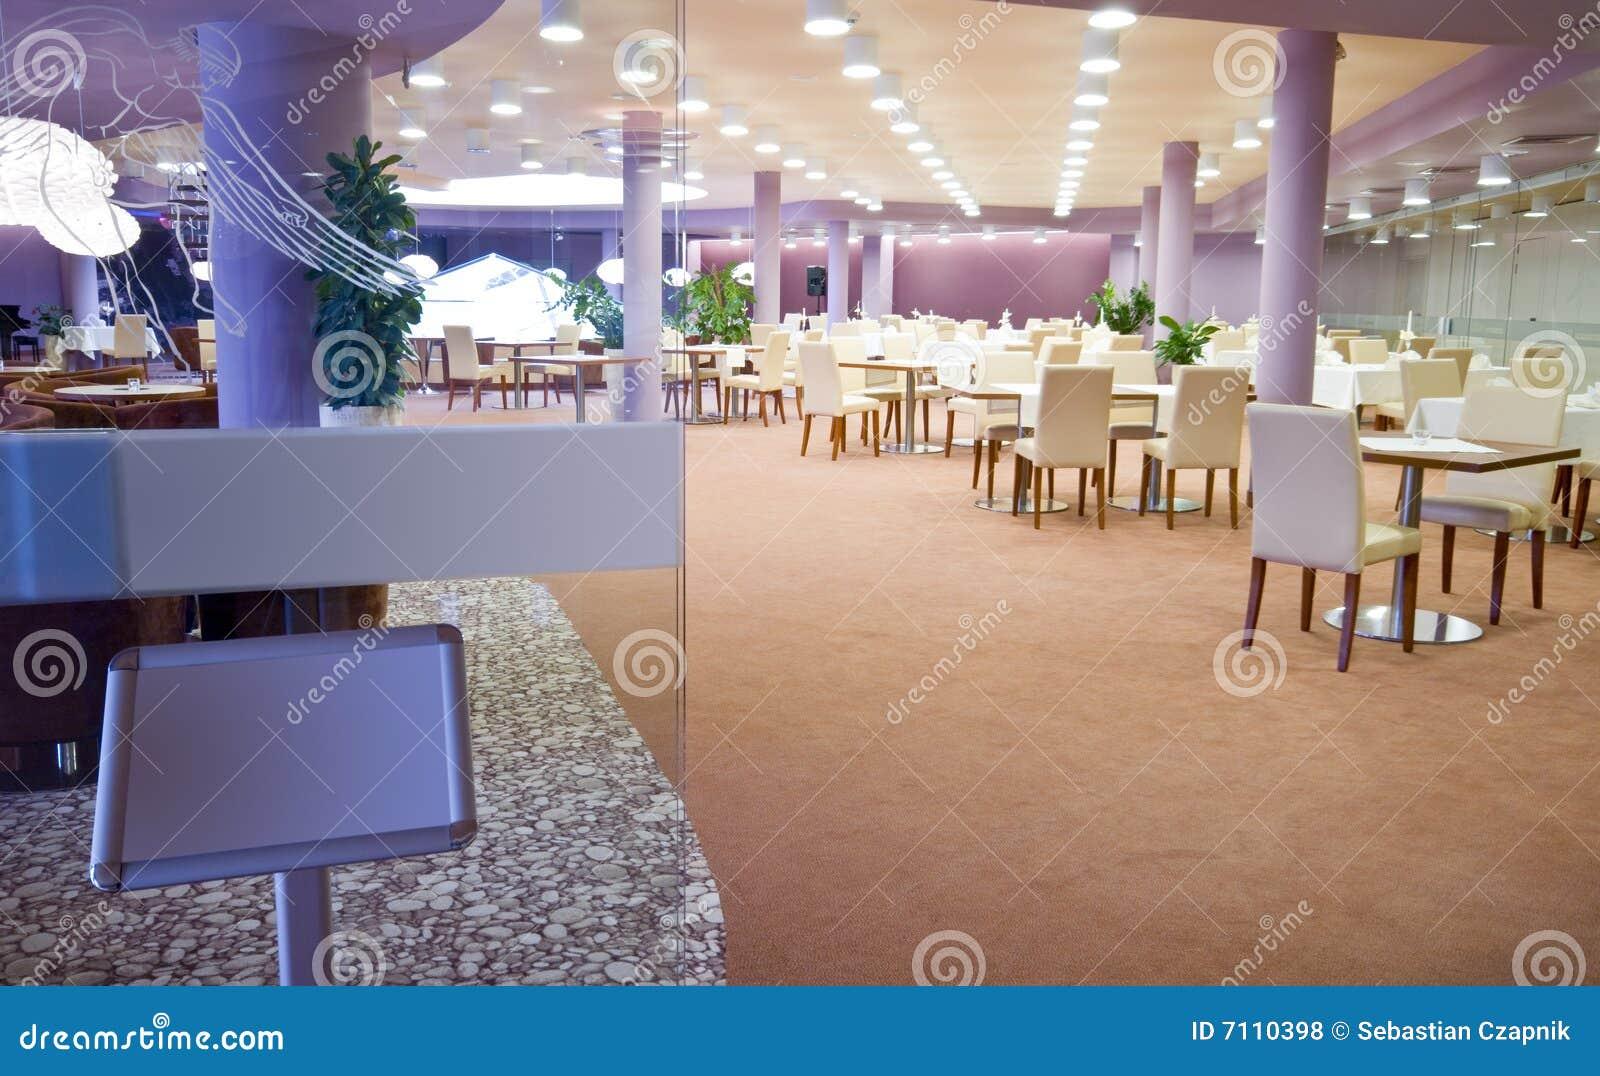 Enter restaurant